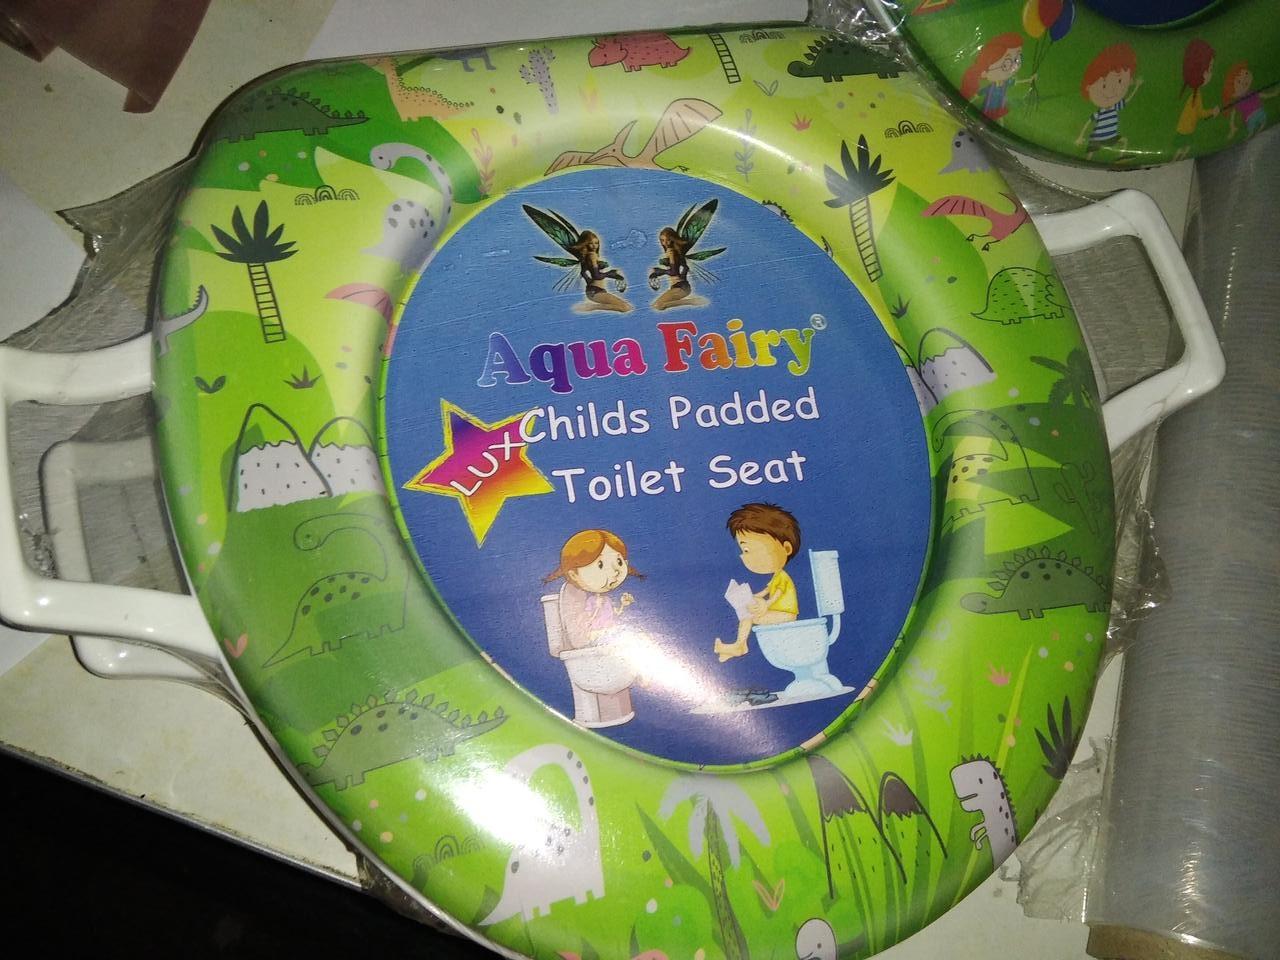 Накладка, вставка детская, сиденье для унитаза детская ,мягкая, удобная Украина Aqua Fairy с ручками